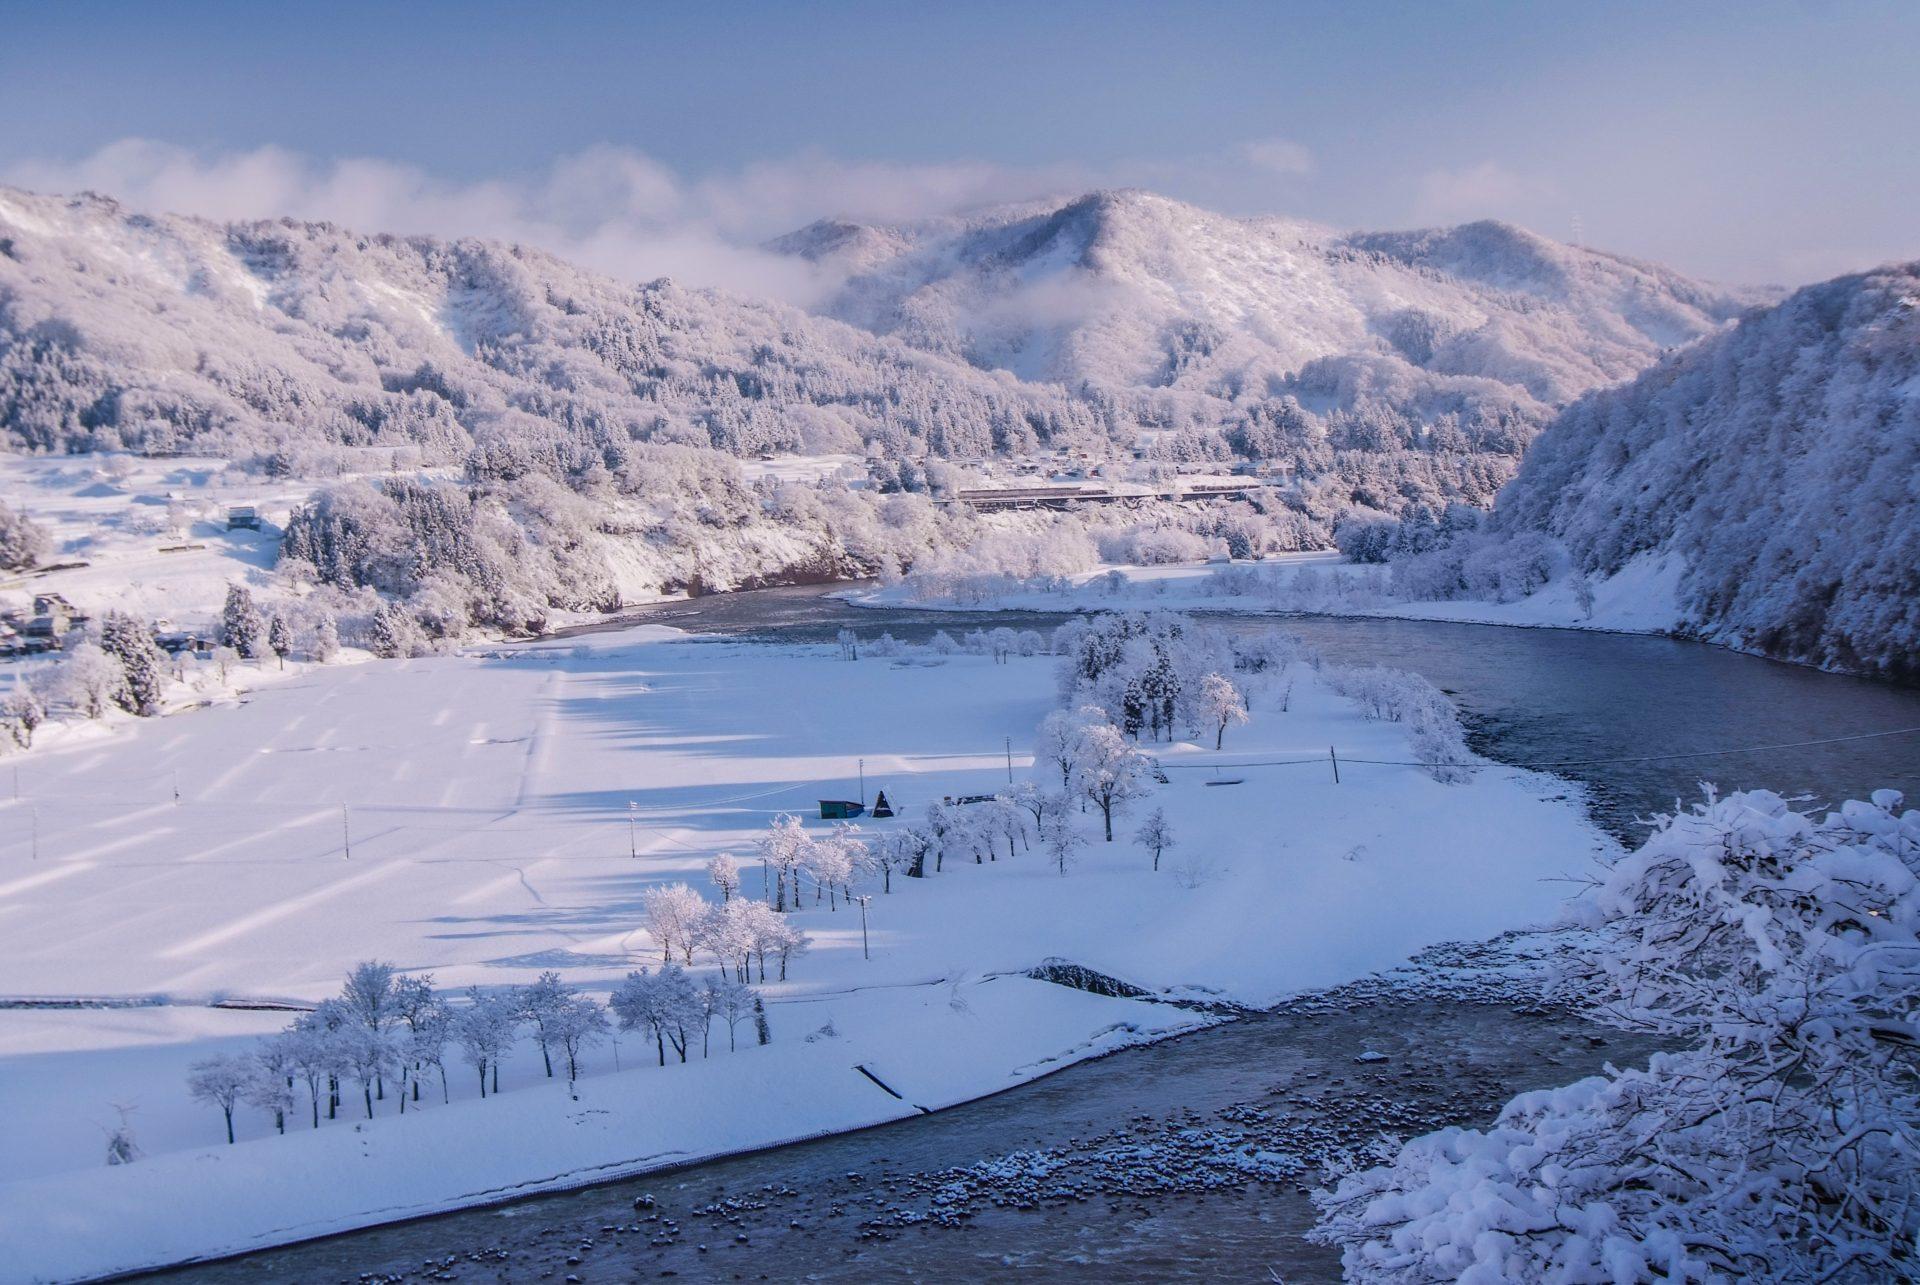 この地にとって雪こそが、最大の資源。名水も生まれ、そして美味しい農作物が育つ。